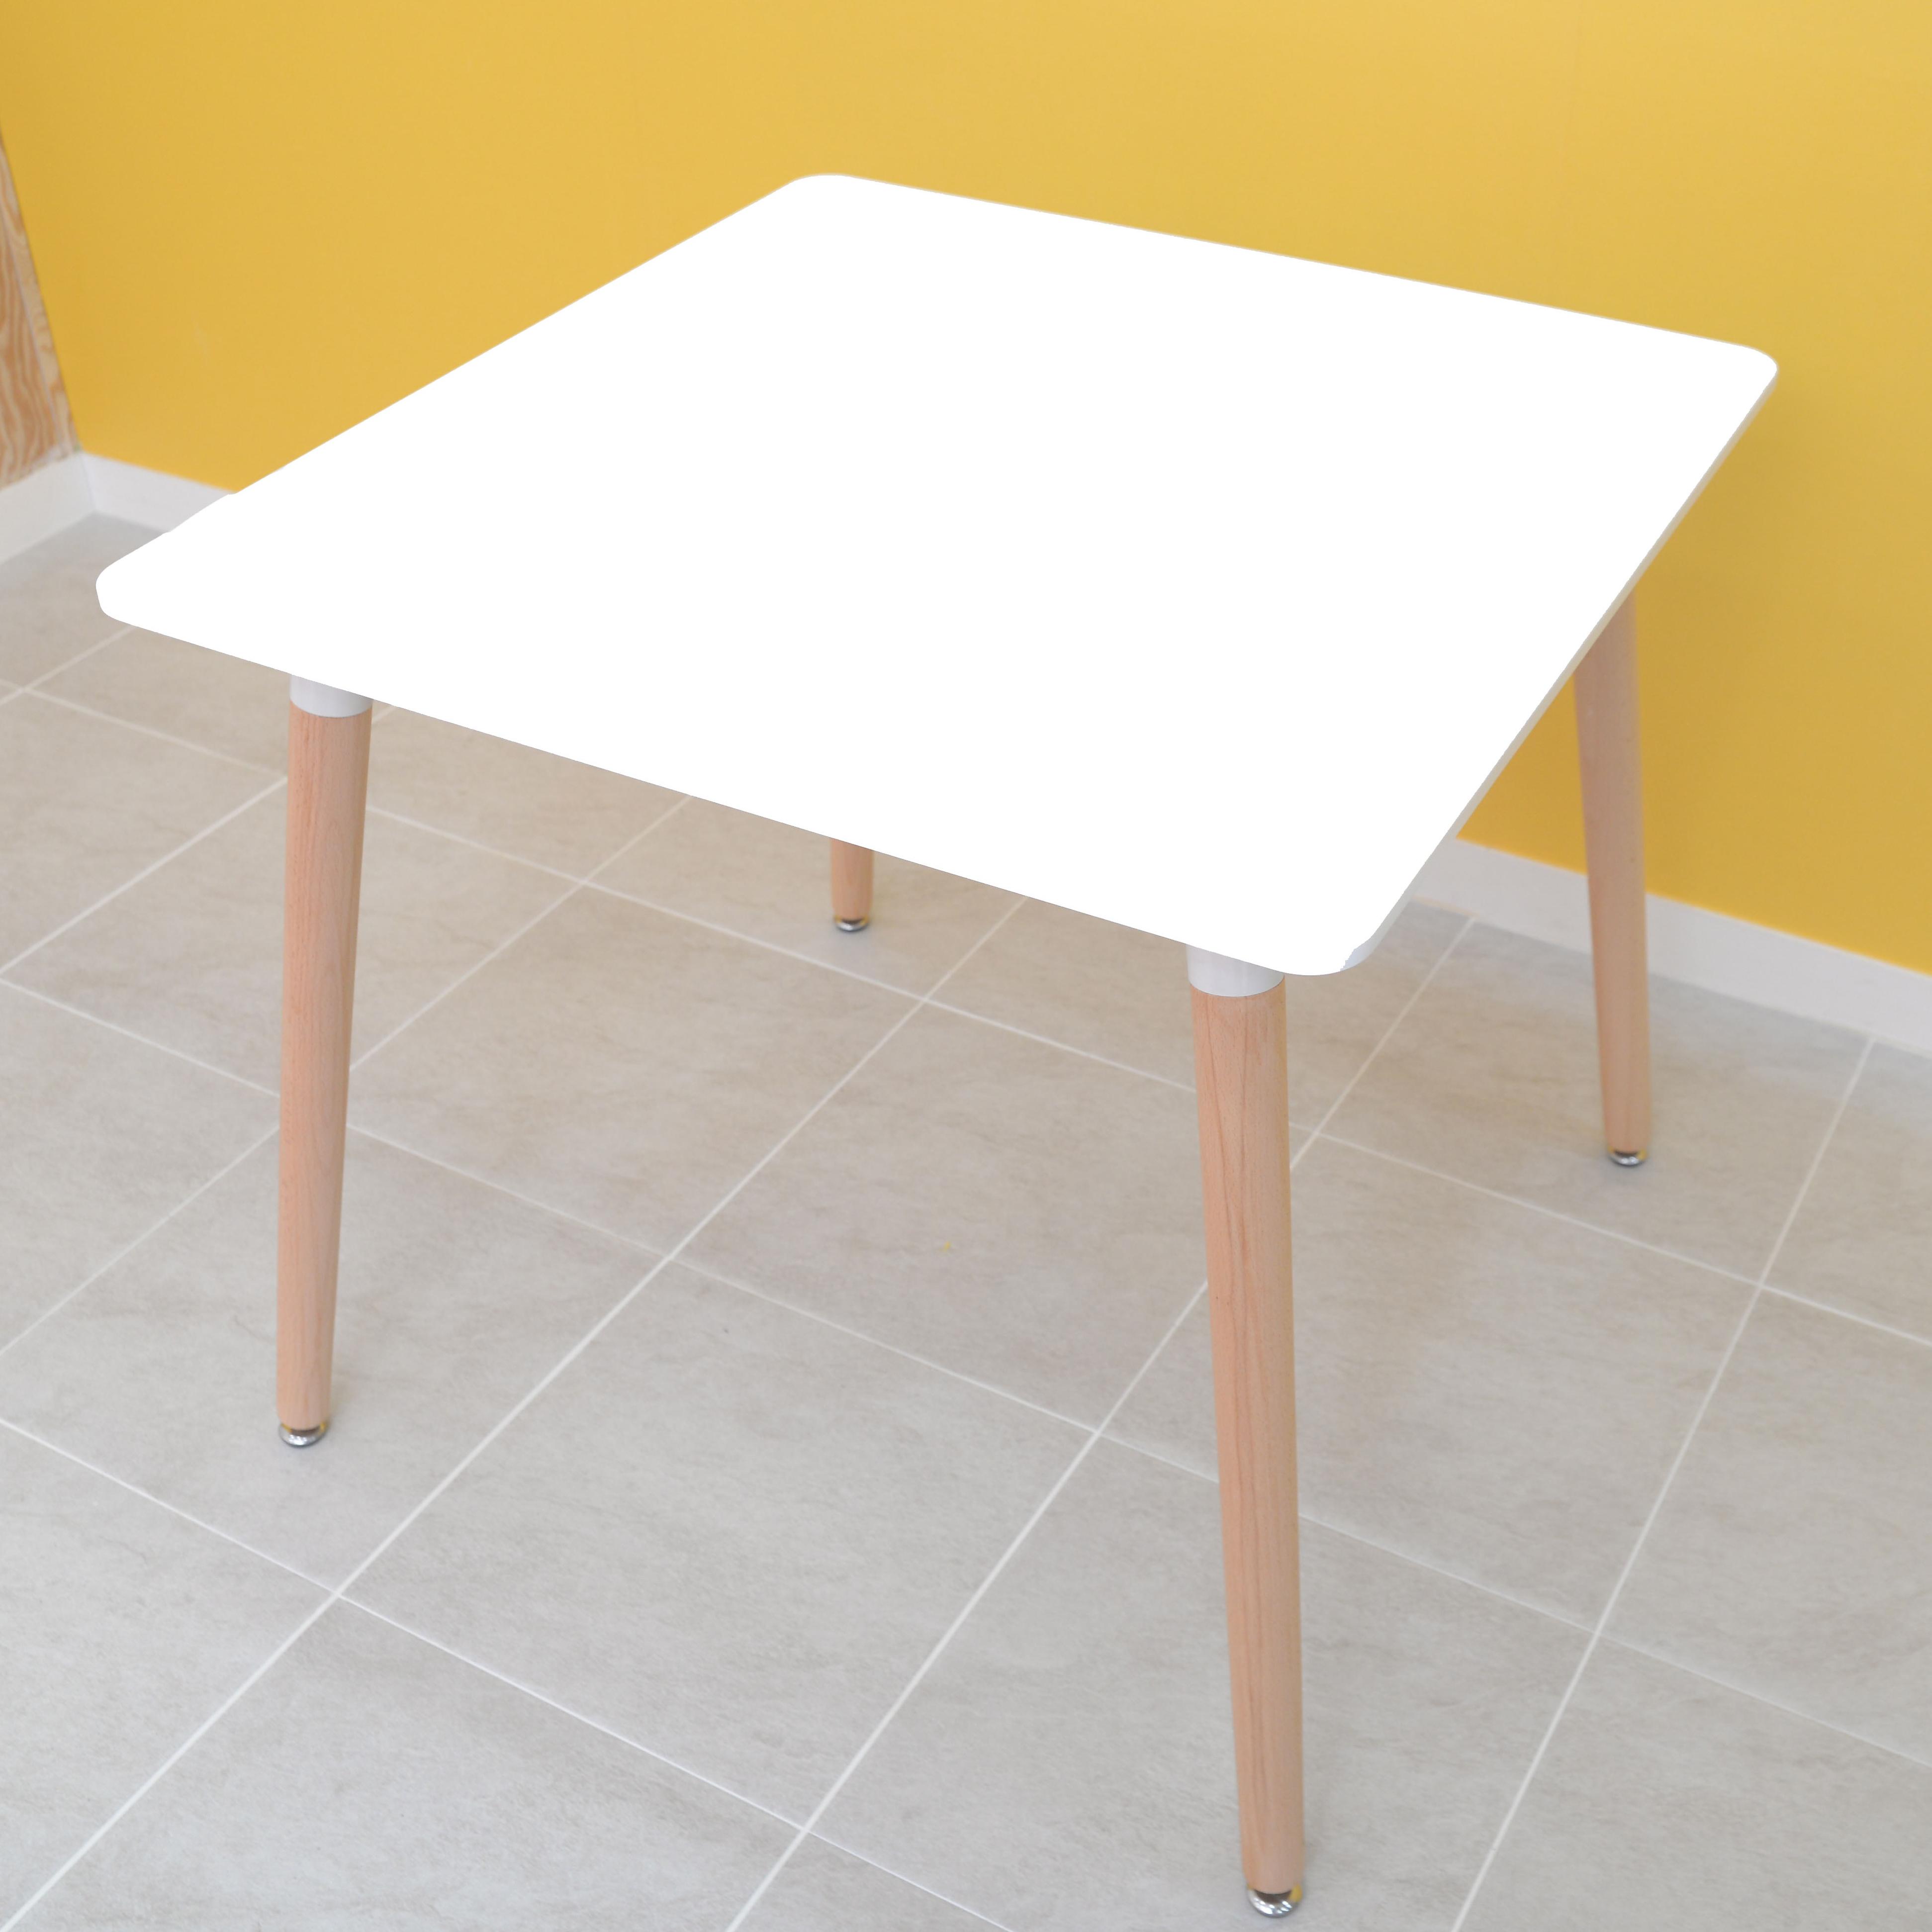 글래스테이블 카페 식탁 800, 화이트